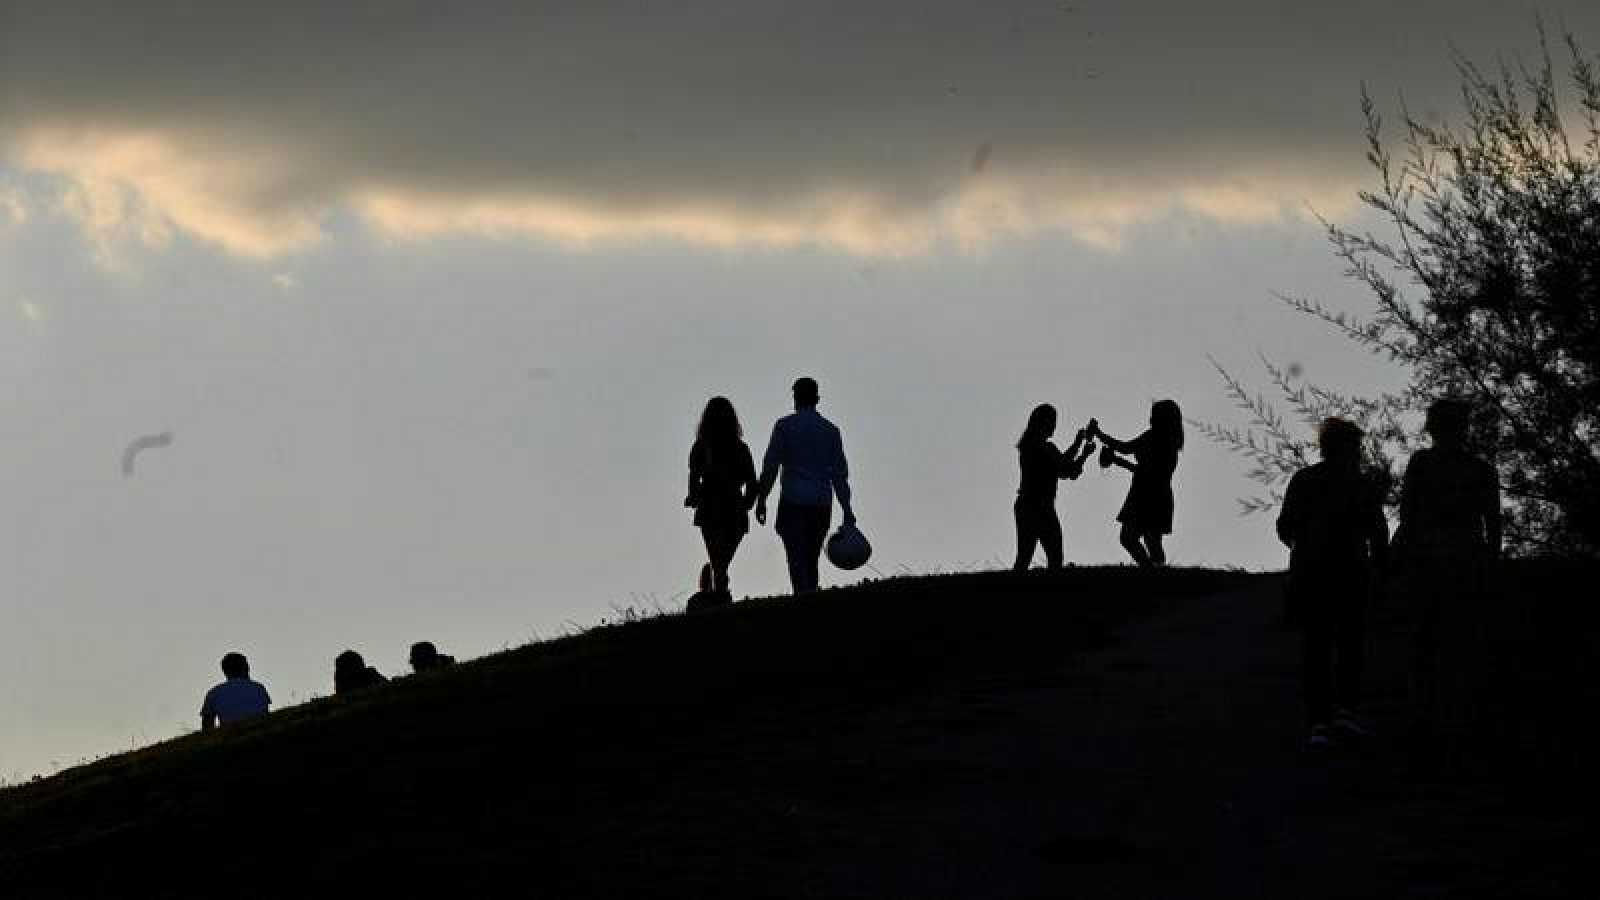 Personas viendo el atardecer desde el Parque del Cerro del Tío Pío, en el distrito de Puente de Vallecas, Madrid.